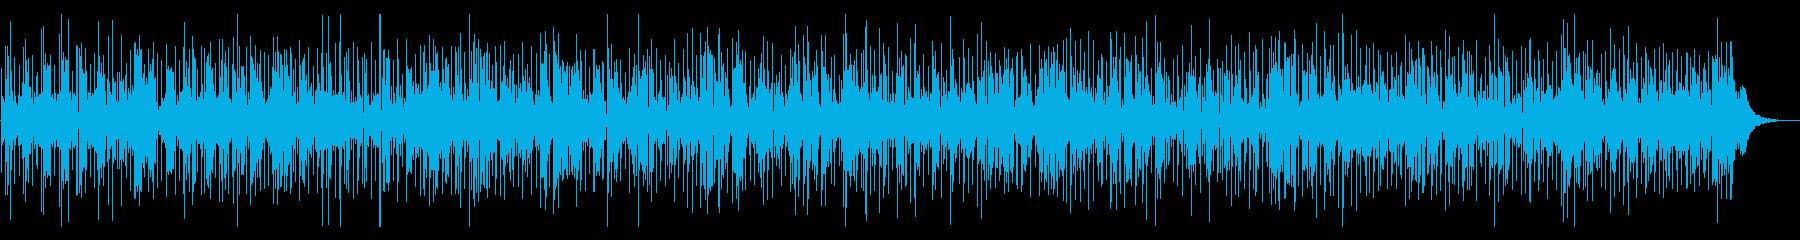 ノリノリのかっこいい踊れる管楽器ファンクの再生済みの波形